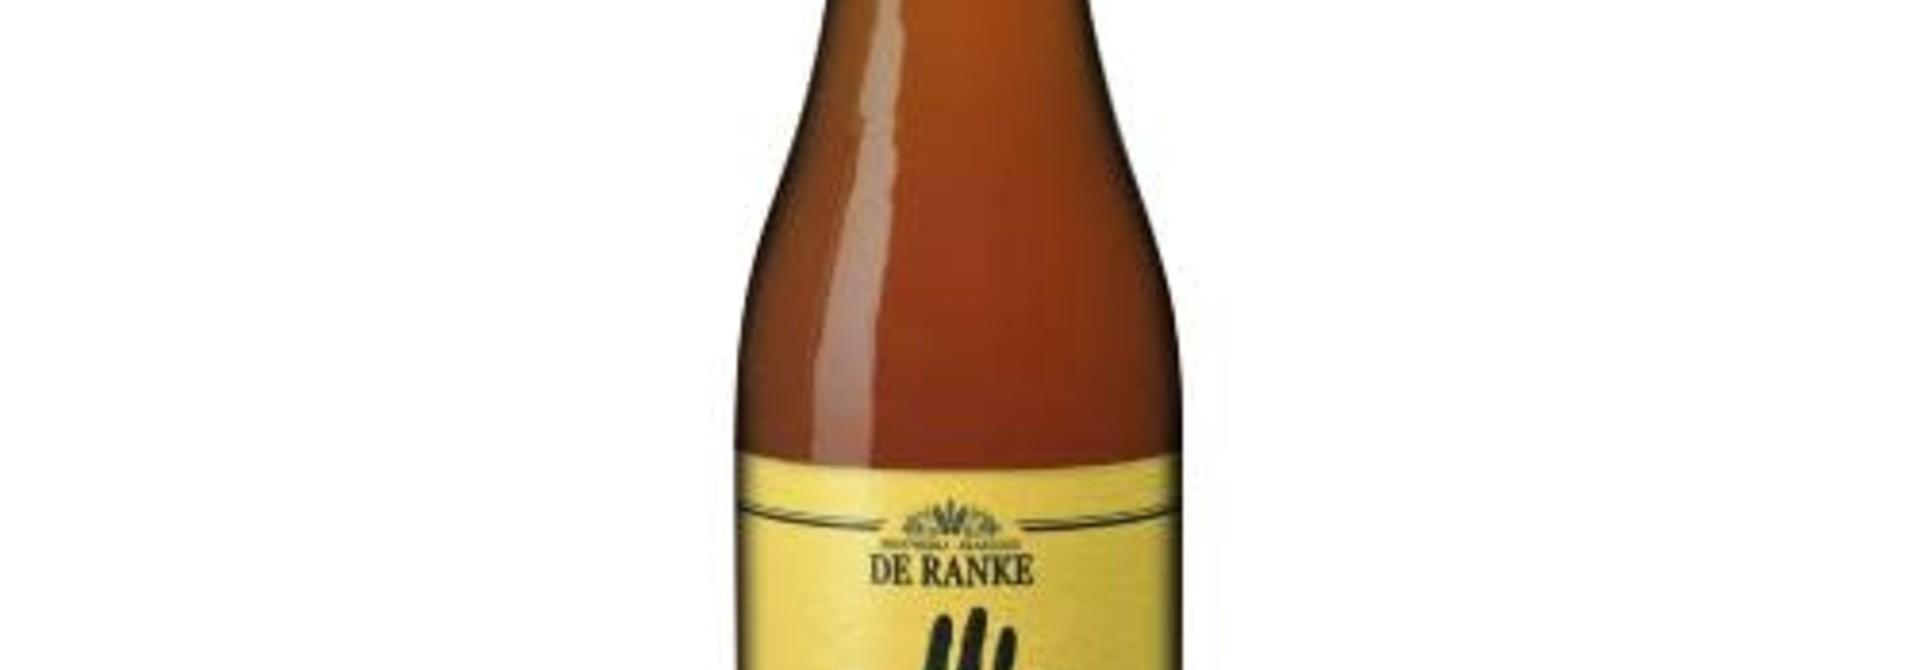 RANKE SAISON DE DOTTIGNIES 33CL